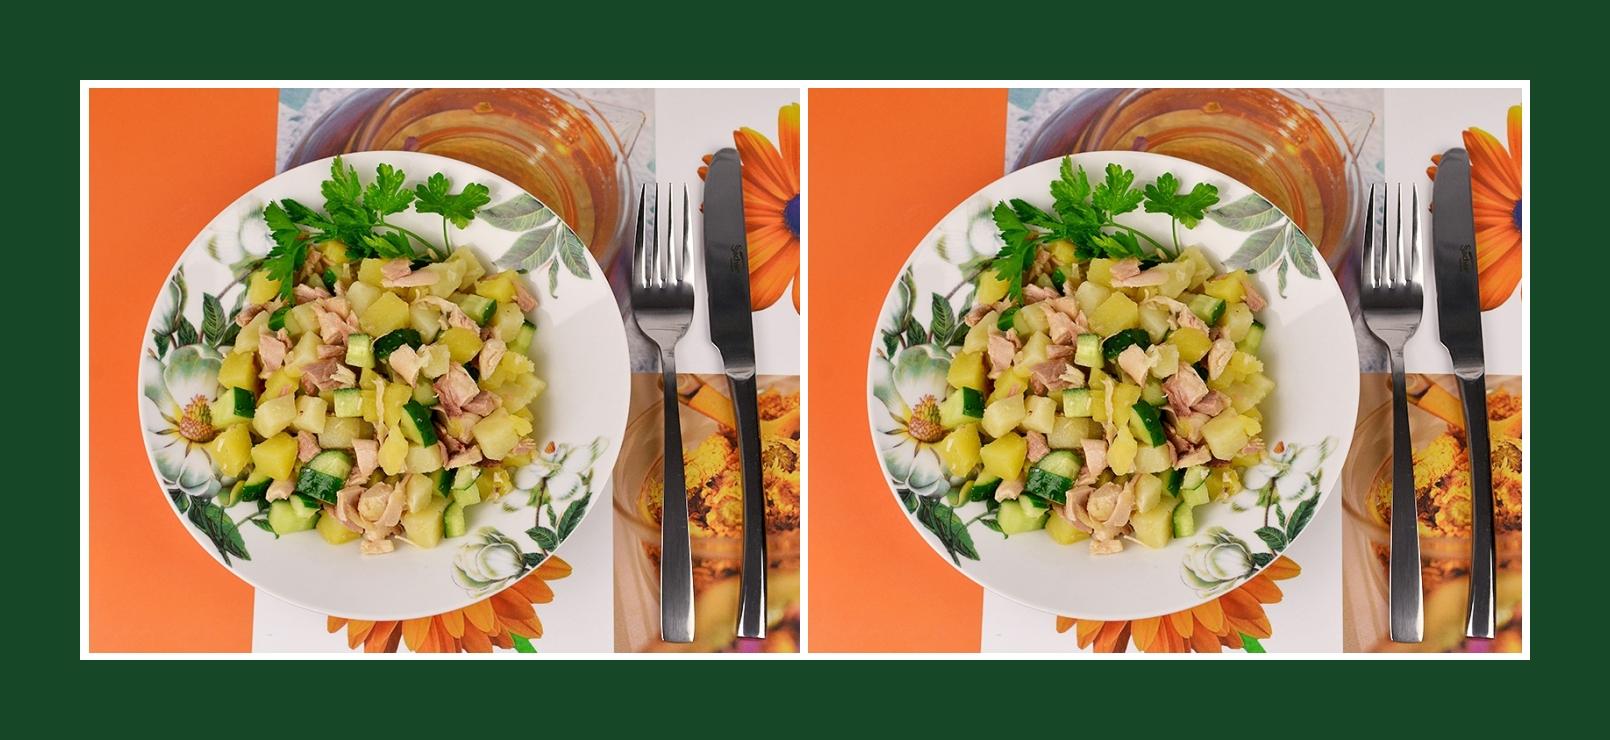 Nahrhafter Salat aus Kartoffeln, Gurken und Fleisch